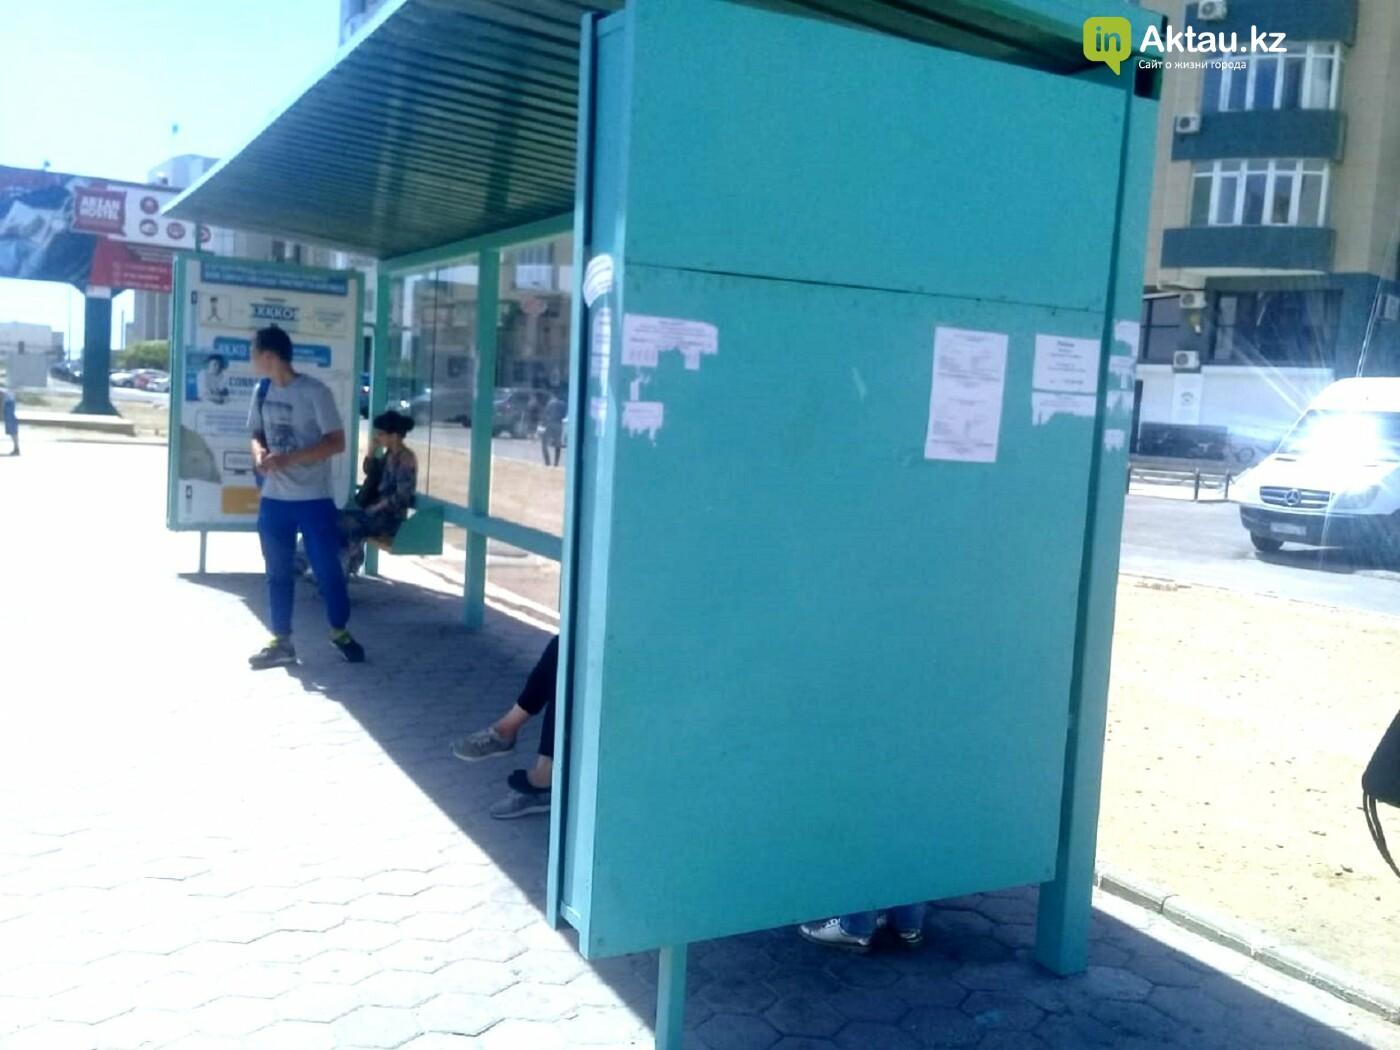 """""""Я такого ни в одном городе не встречал"""":  гость Актау высказался о благоустройстве города, фото-1"""